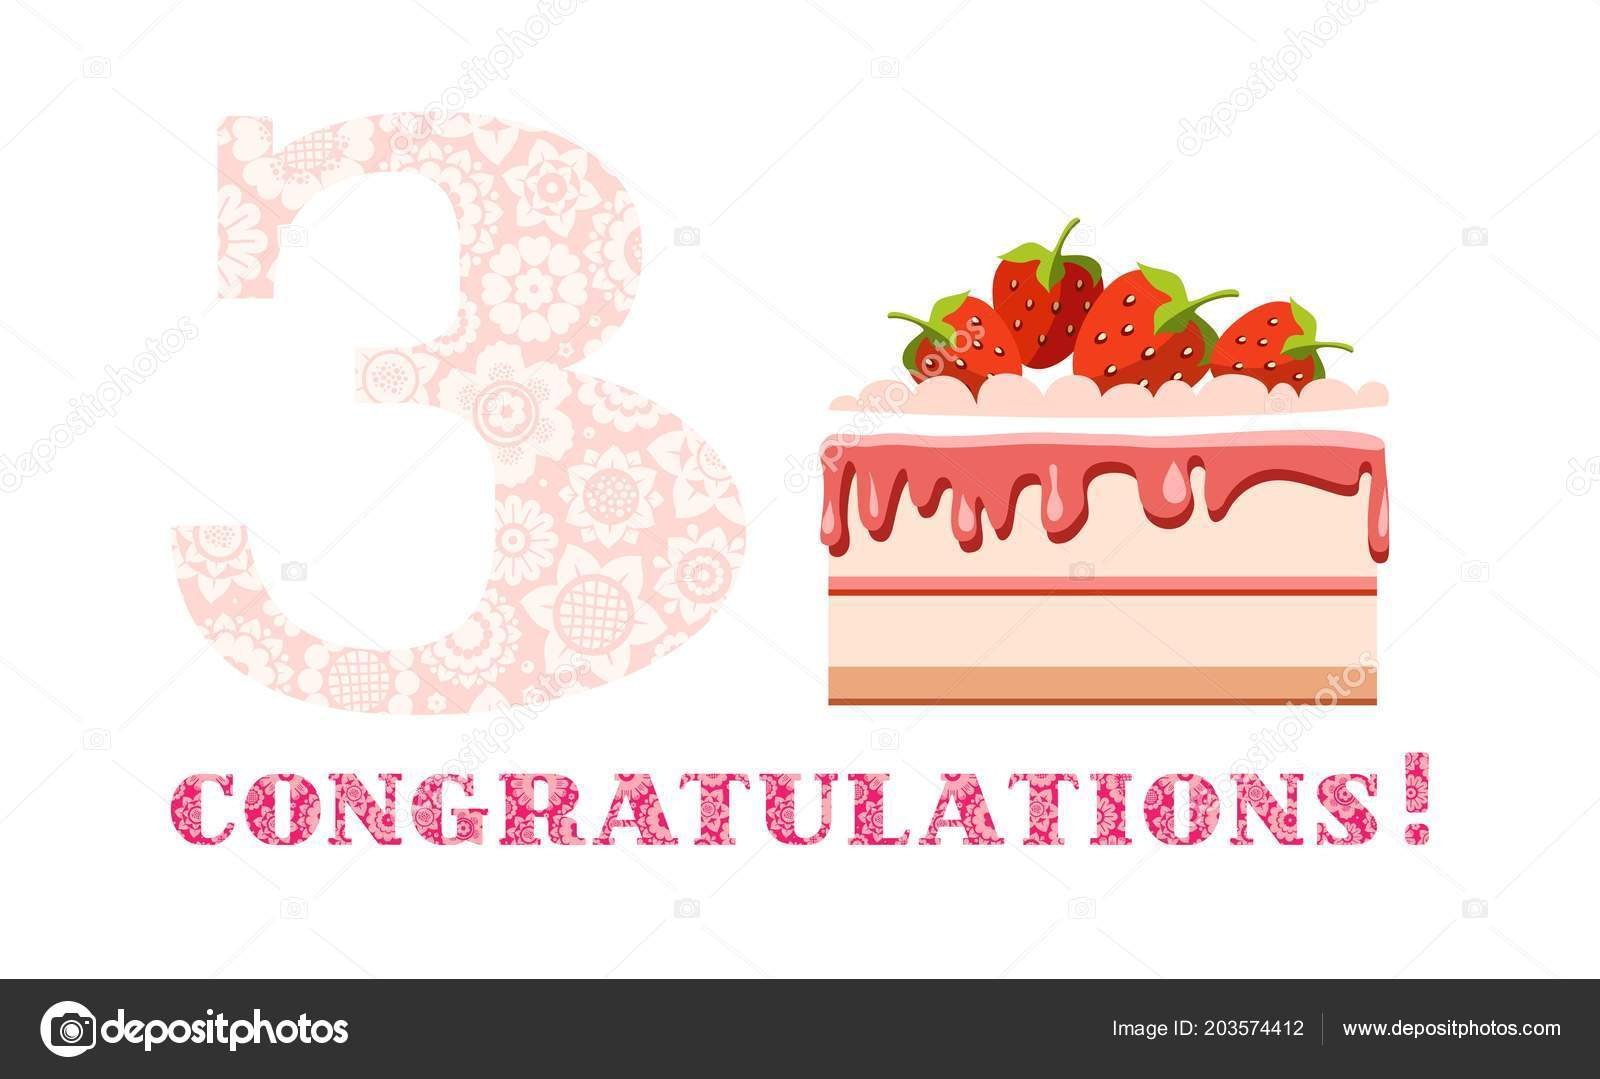 Felicitations Ans Gateau Aux Fraises Anglais Blanc Rose Vecteur Joyeux Image Vectorielle Elenavdovina C 203574412